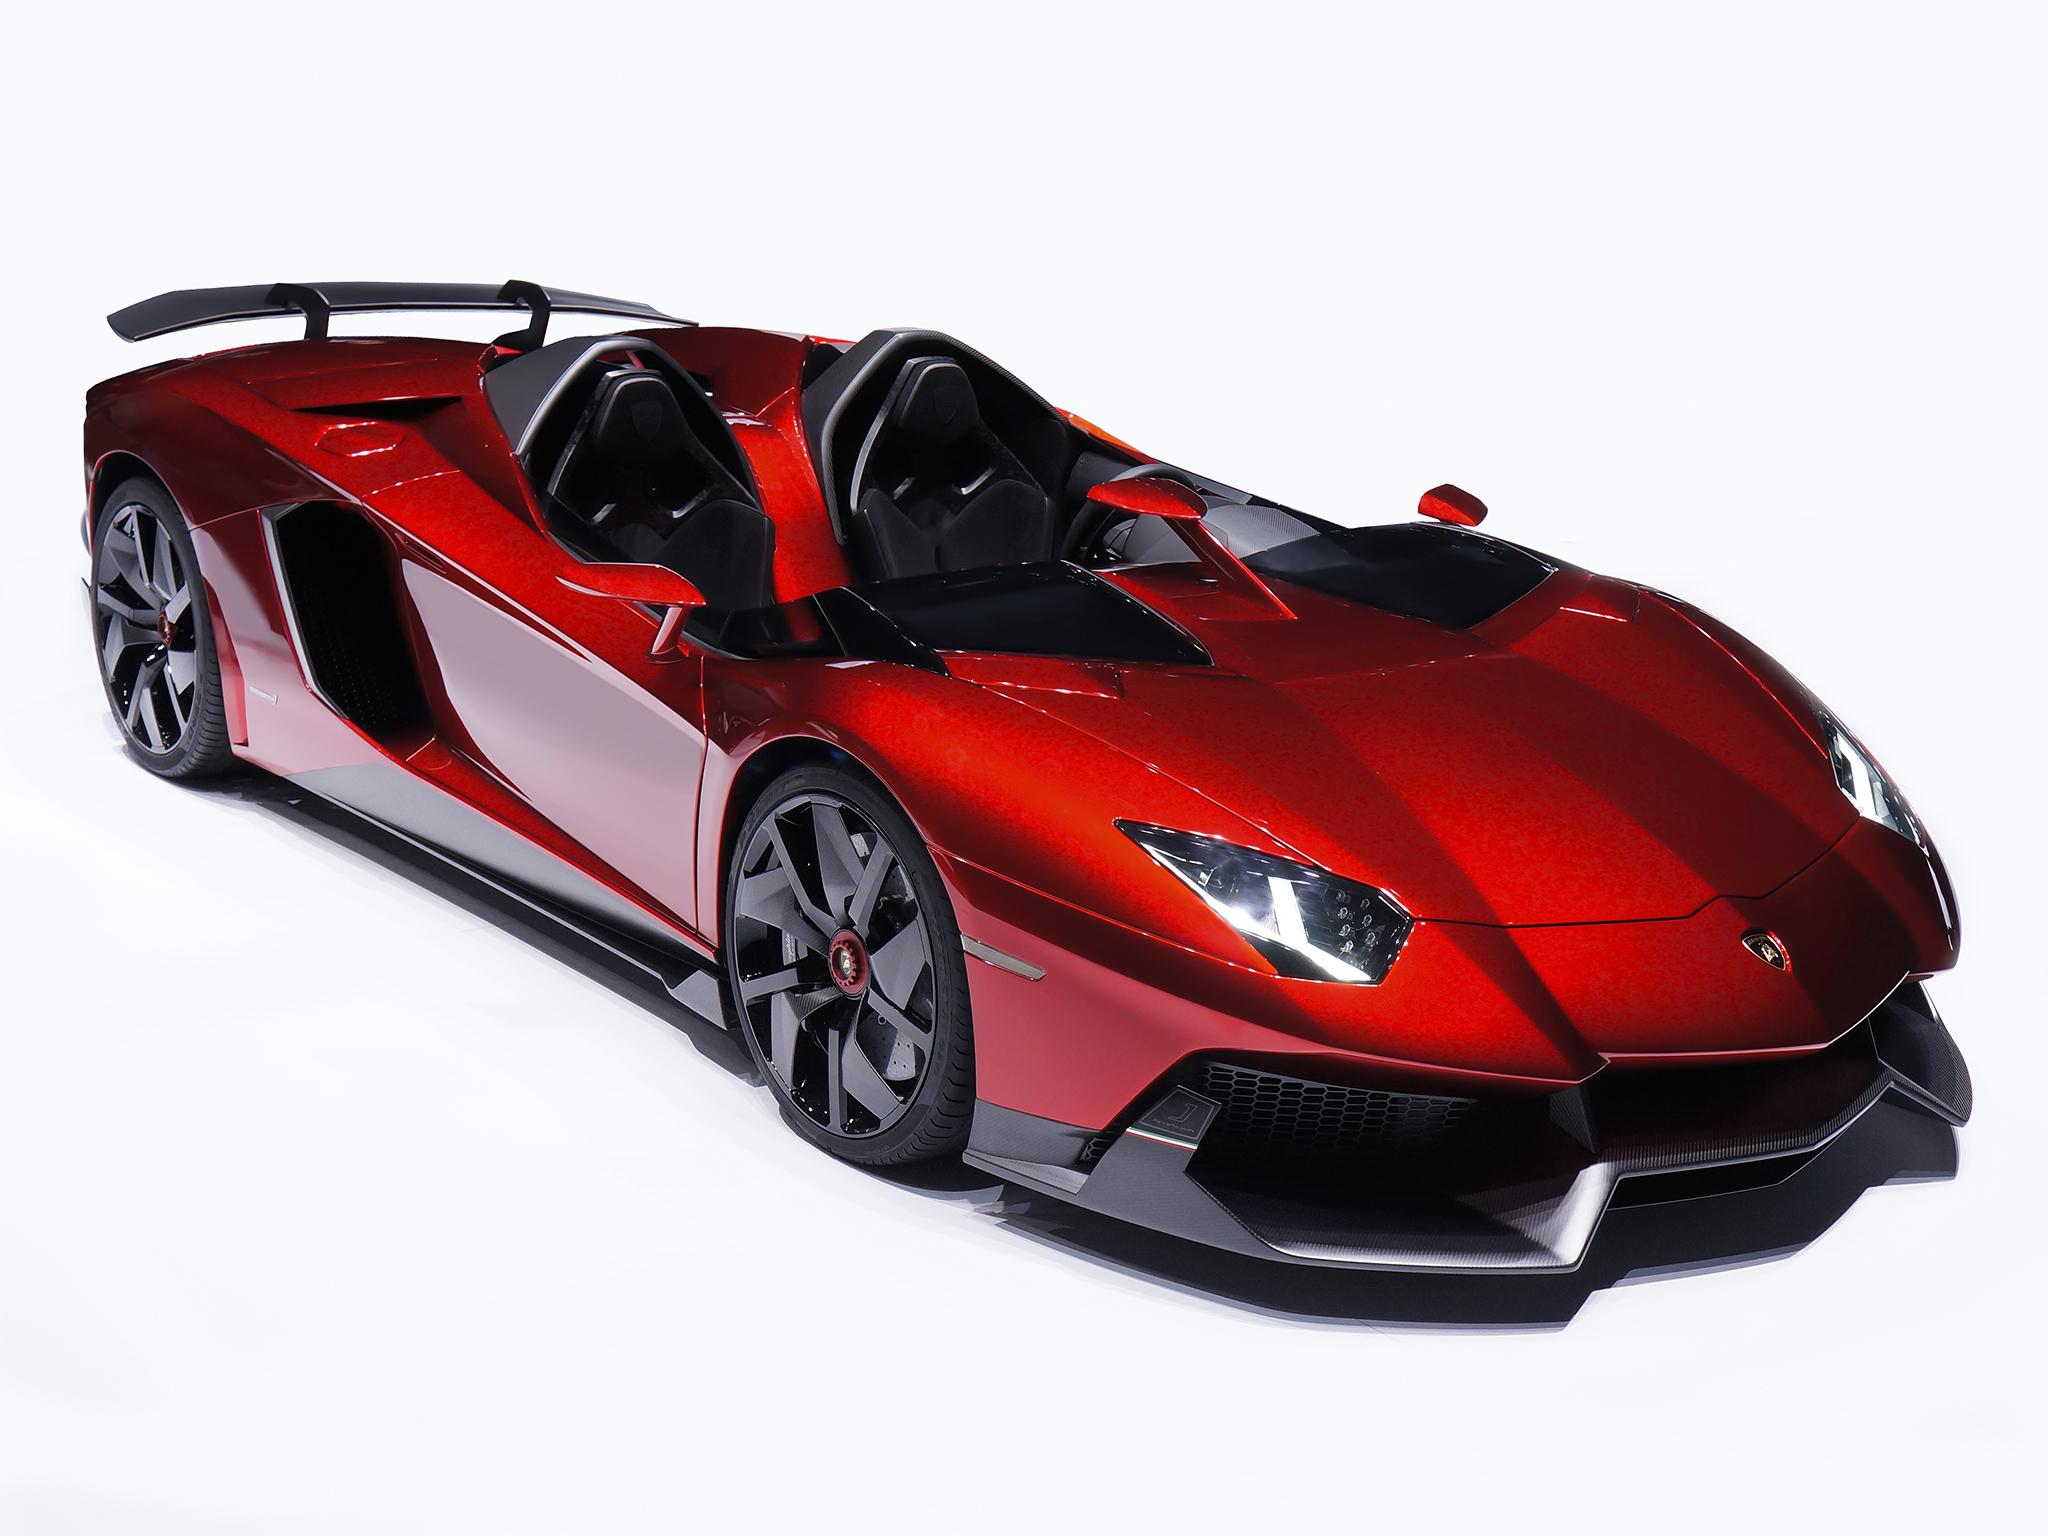 2012 Lamborghini Aventador J supercar wq wallpaper 2048x1536 2048x1536